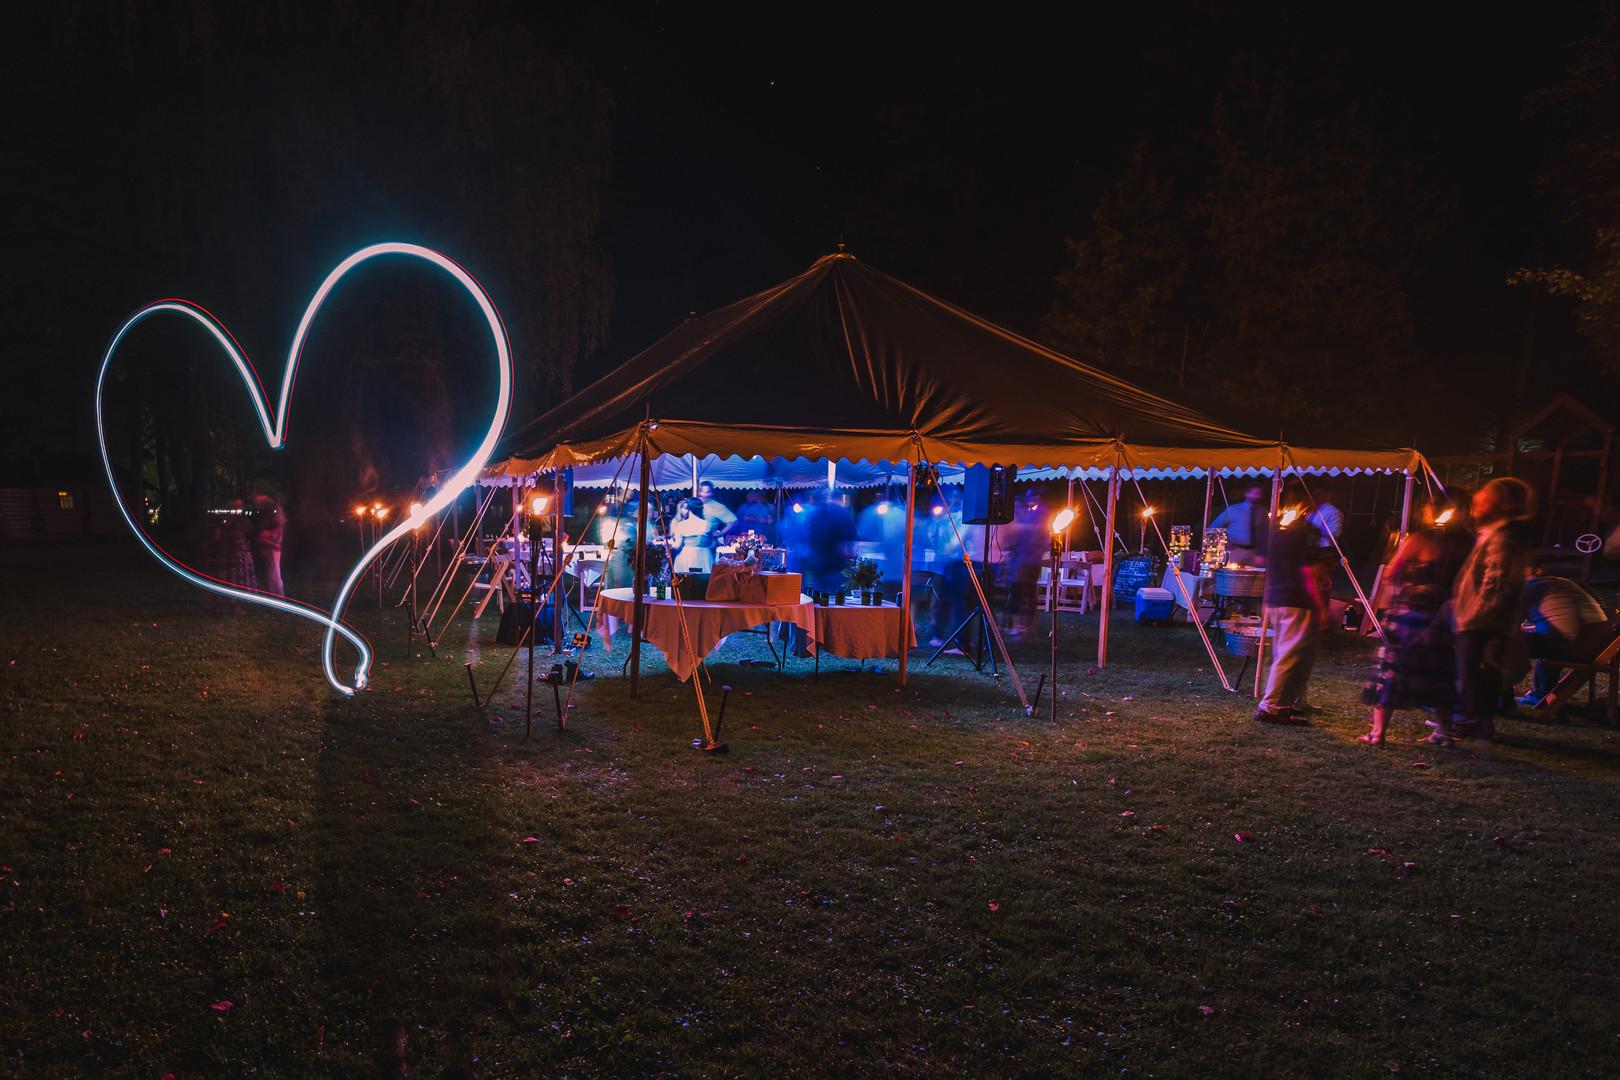 photo by Brian Beckwith at Ellis Lake Resort